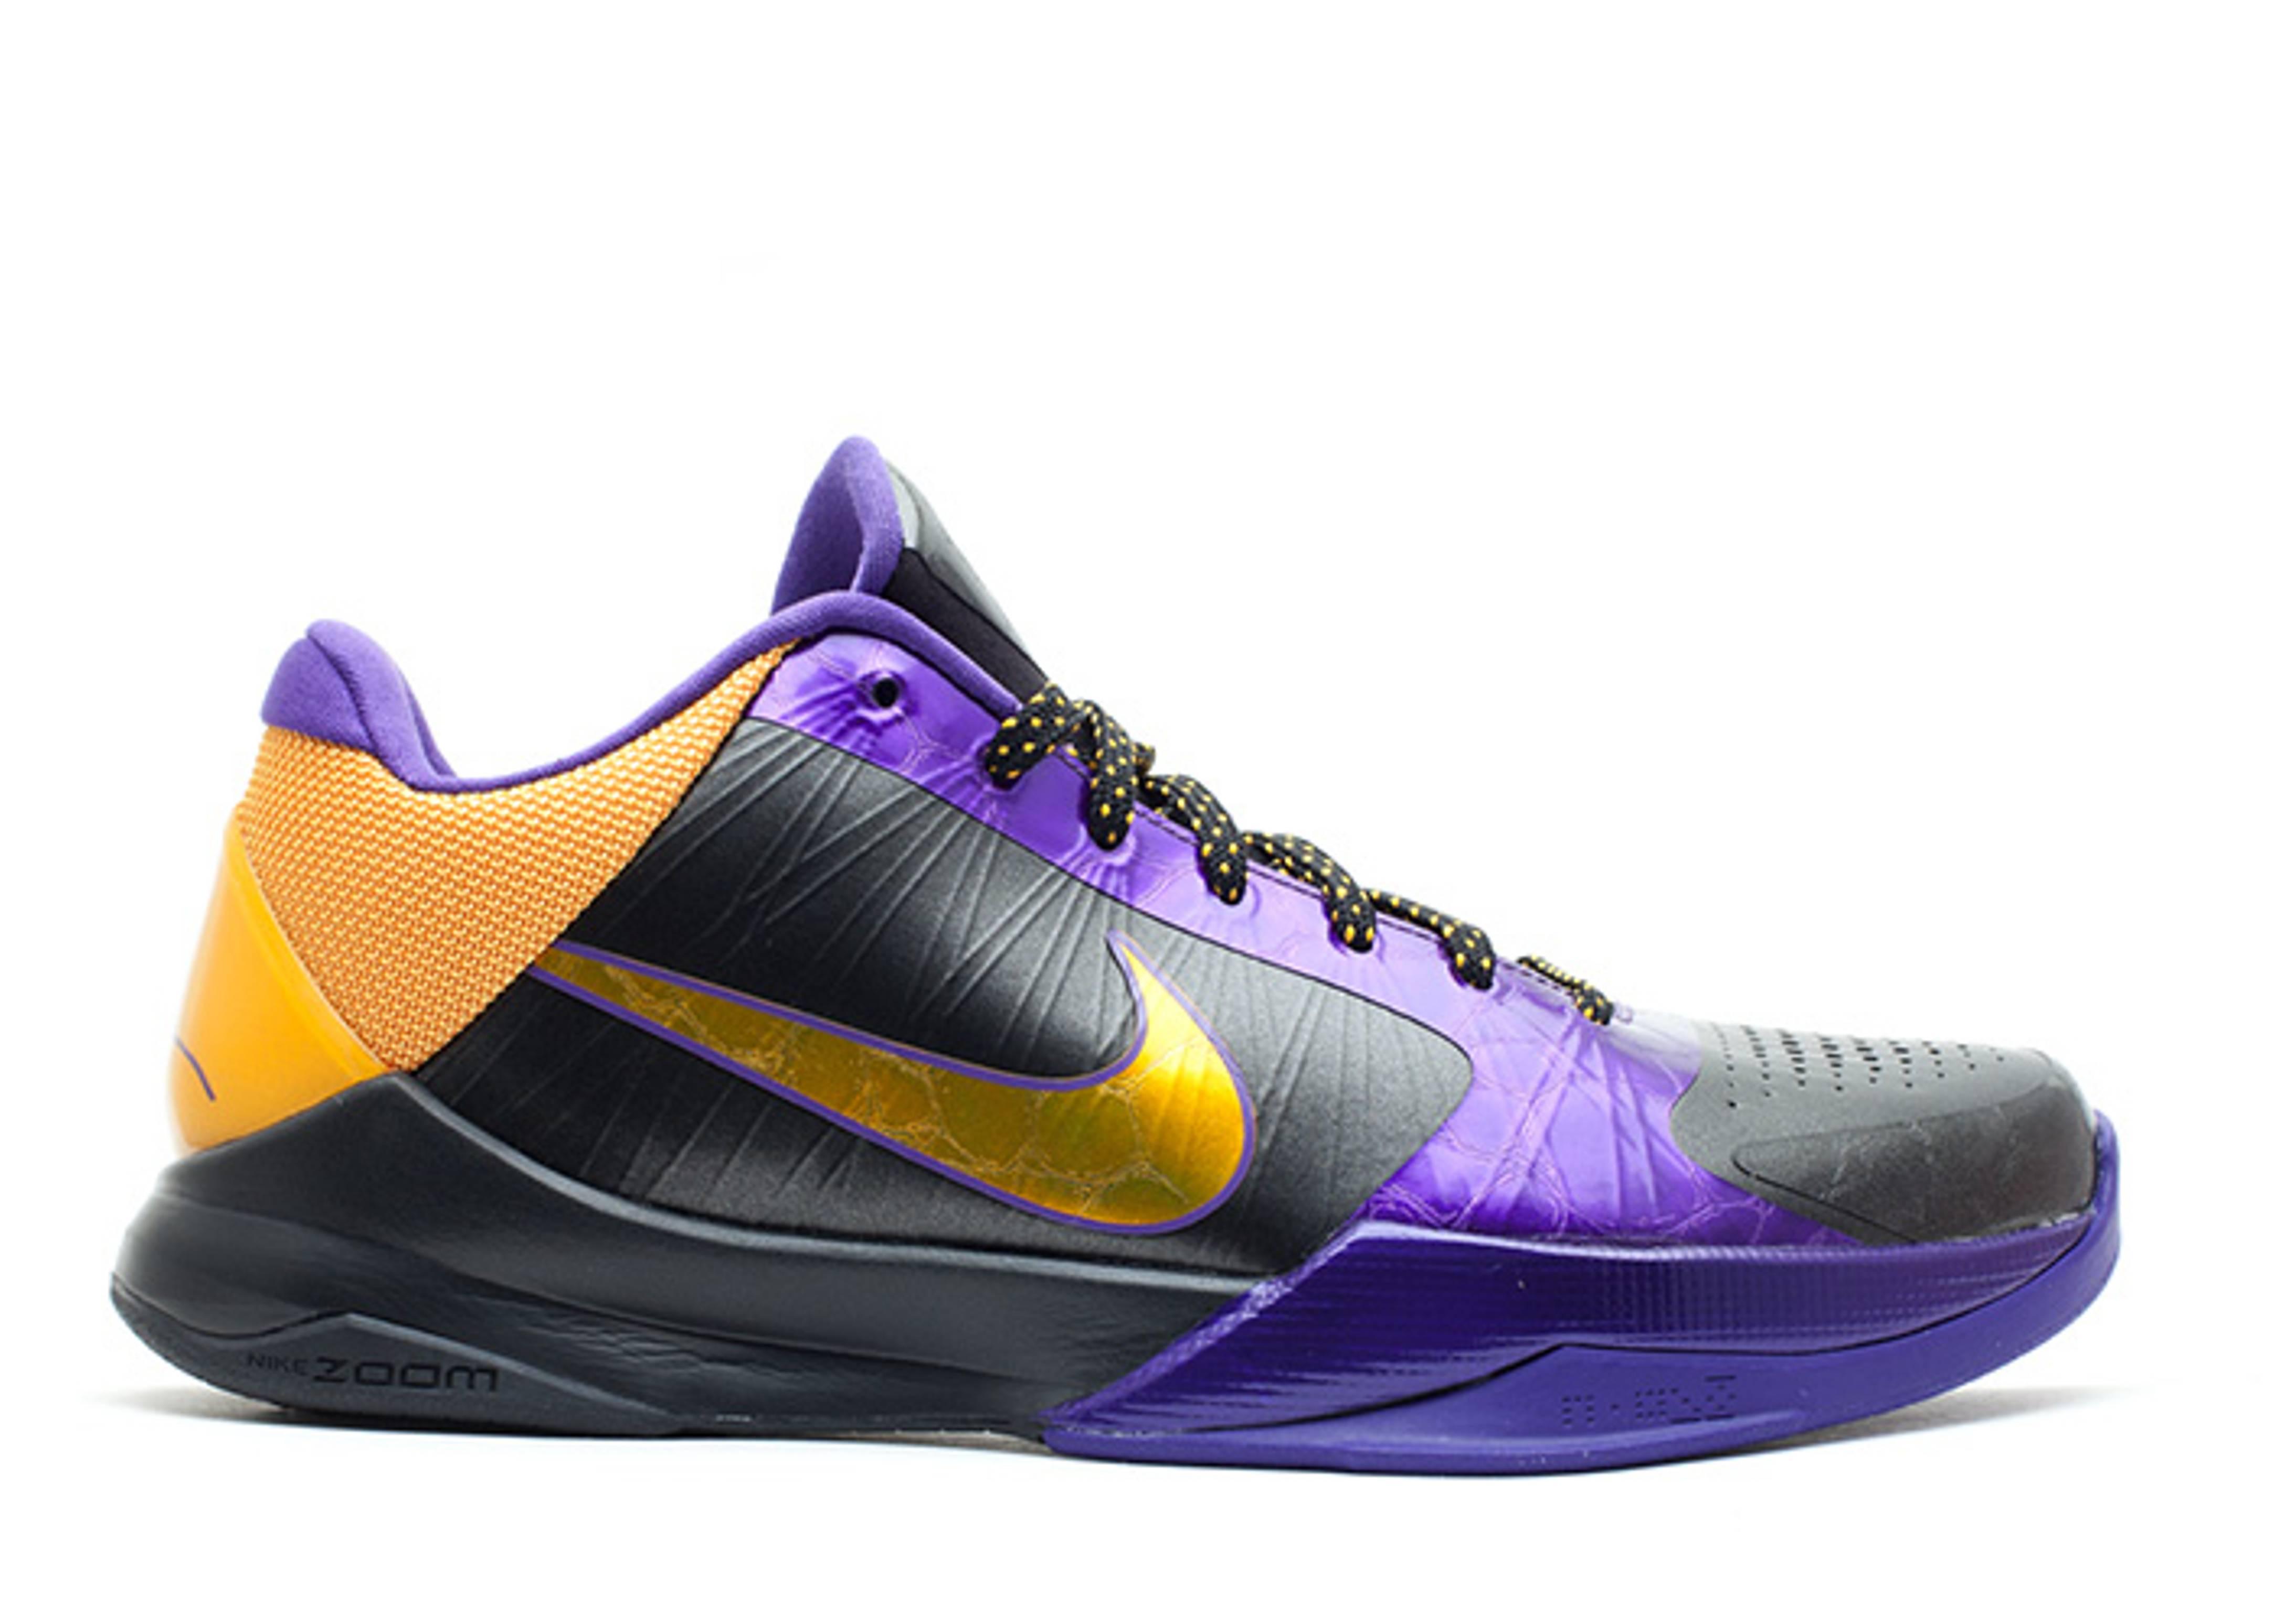 huge selection of 31aec 23fed Zoom Kobe 5 X - Nike - 386430 071 - black de sol-varsity purple ...